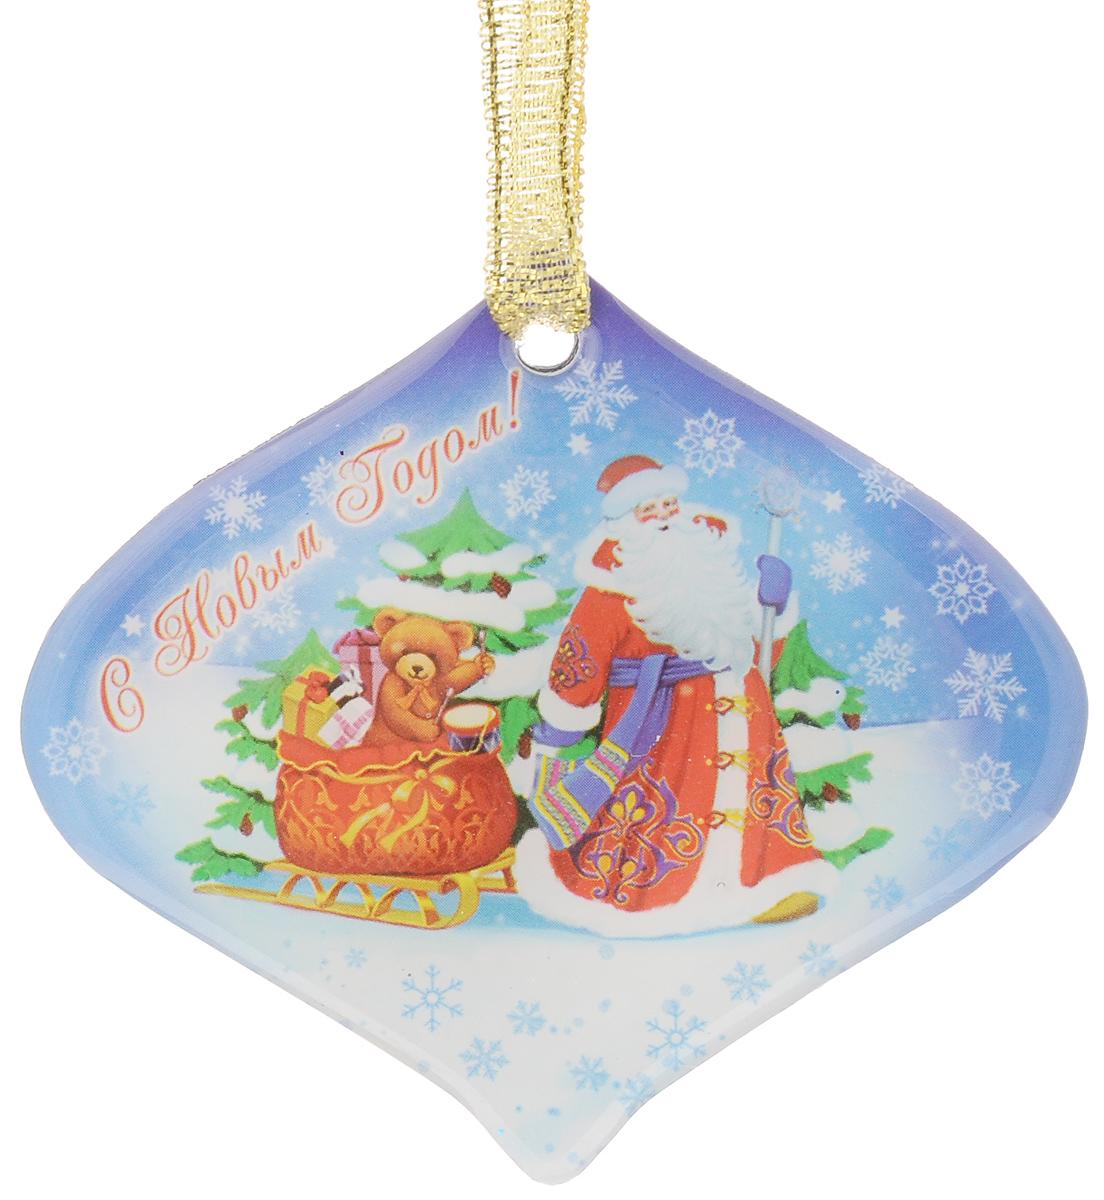 Магнит декоративный Magic Time Дед мороз с мишкой в санях, 6,6 х 6 см38365Магнит Magic Time Дед мороз с мишкой в санях, выполненный из агломерированного феррита, прекрасно подойдет в качестве сувенира к Новому году или станет приятным презентом в обычный день. Магнит - одно из самых простых, недорогих и при этом оригинальных украшений интерьера. Он поможет вам украсить не только холодильник, но и любую другую магнитную поверхность. Магнит оснащен специальной петелькой для подвешивания.Размер: 6,6 х 6 см.Материал: агломерированный феррит.